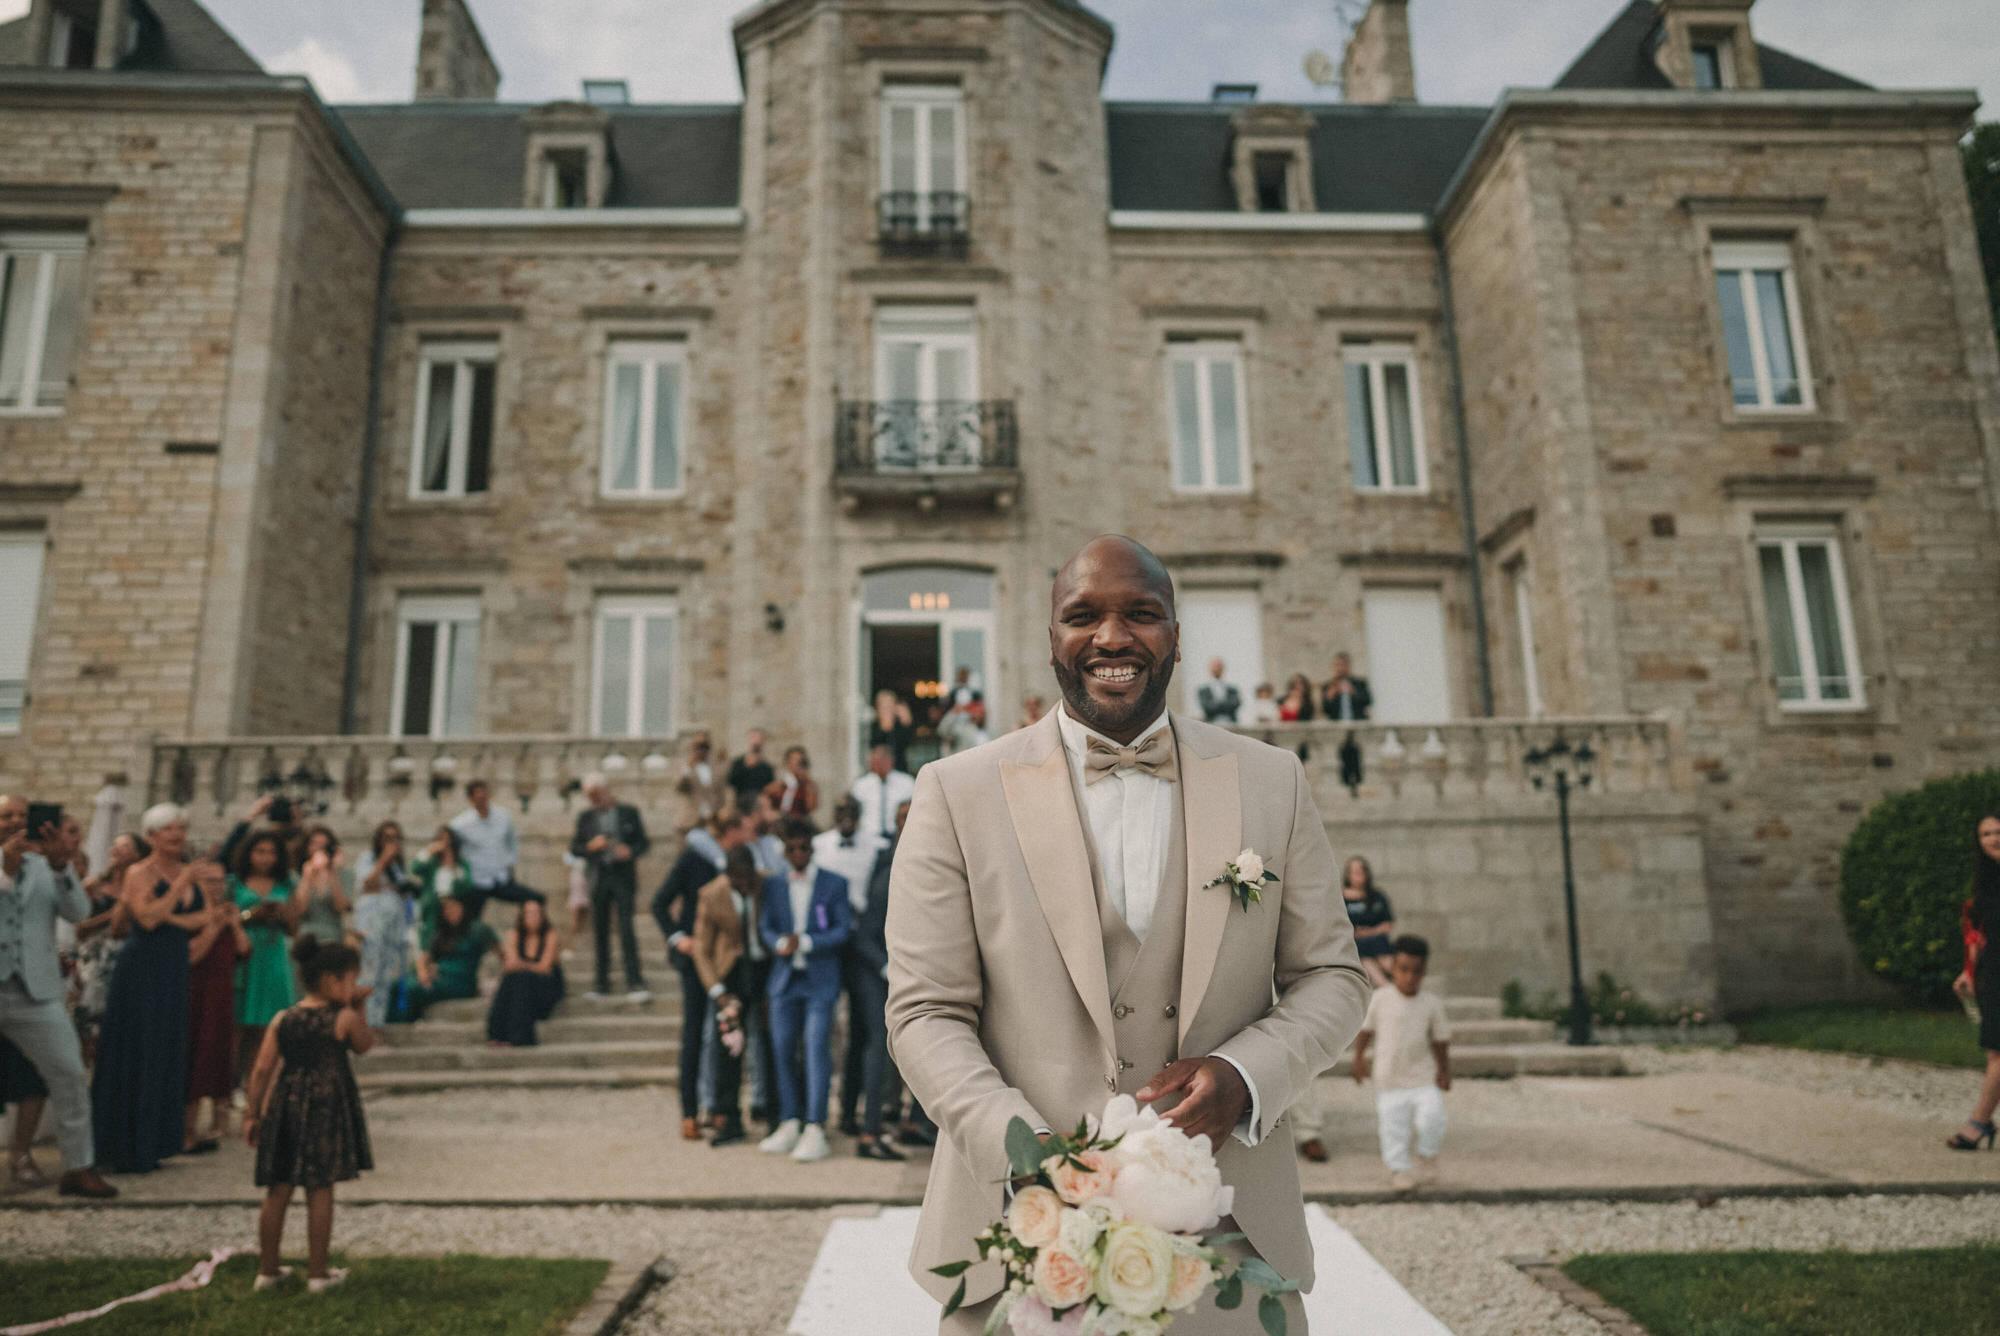 Photo De Mariage Au Manoir De Kerhuel A Plouneour Lanvern De Perle Danilson Par Antoine Borzeix 748, Photographe & Videaste à Brest / Finistère